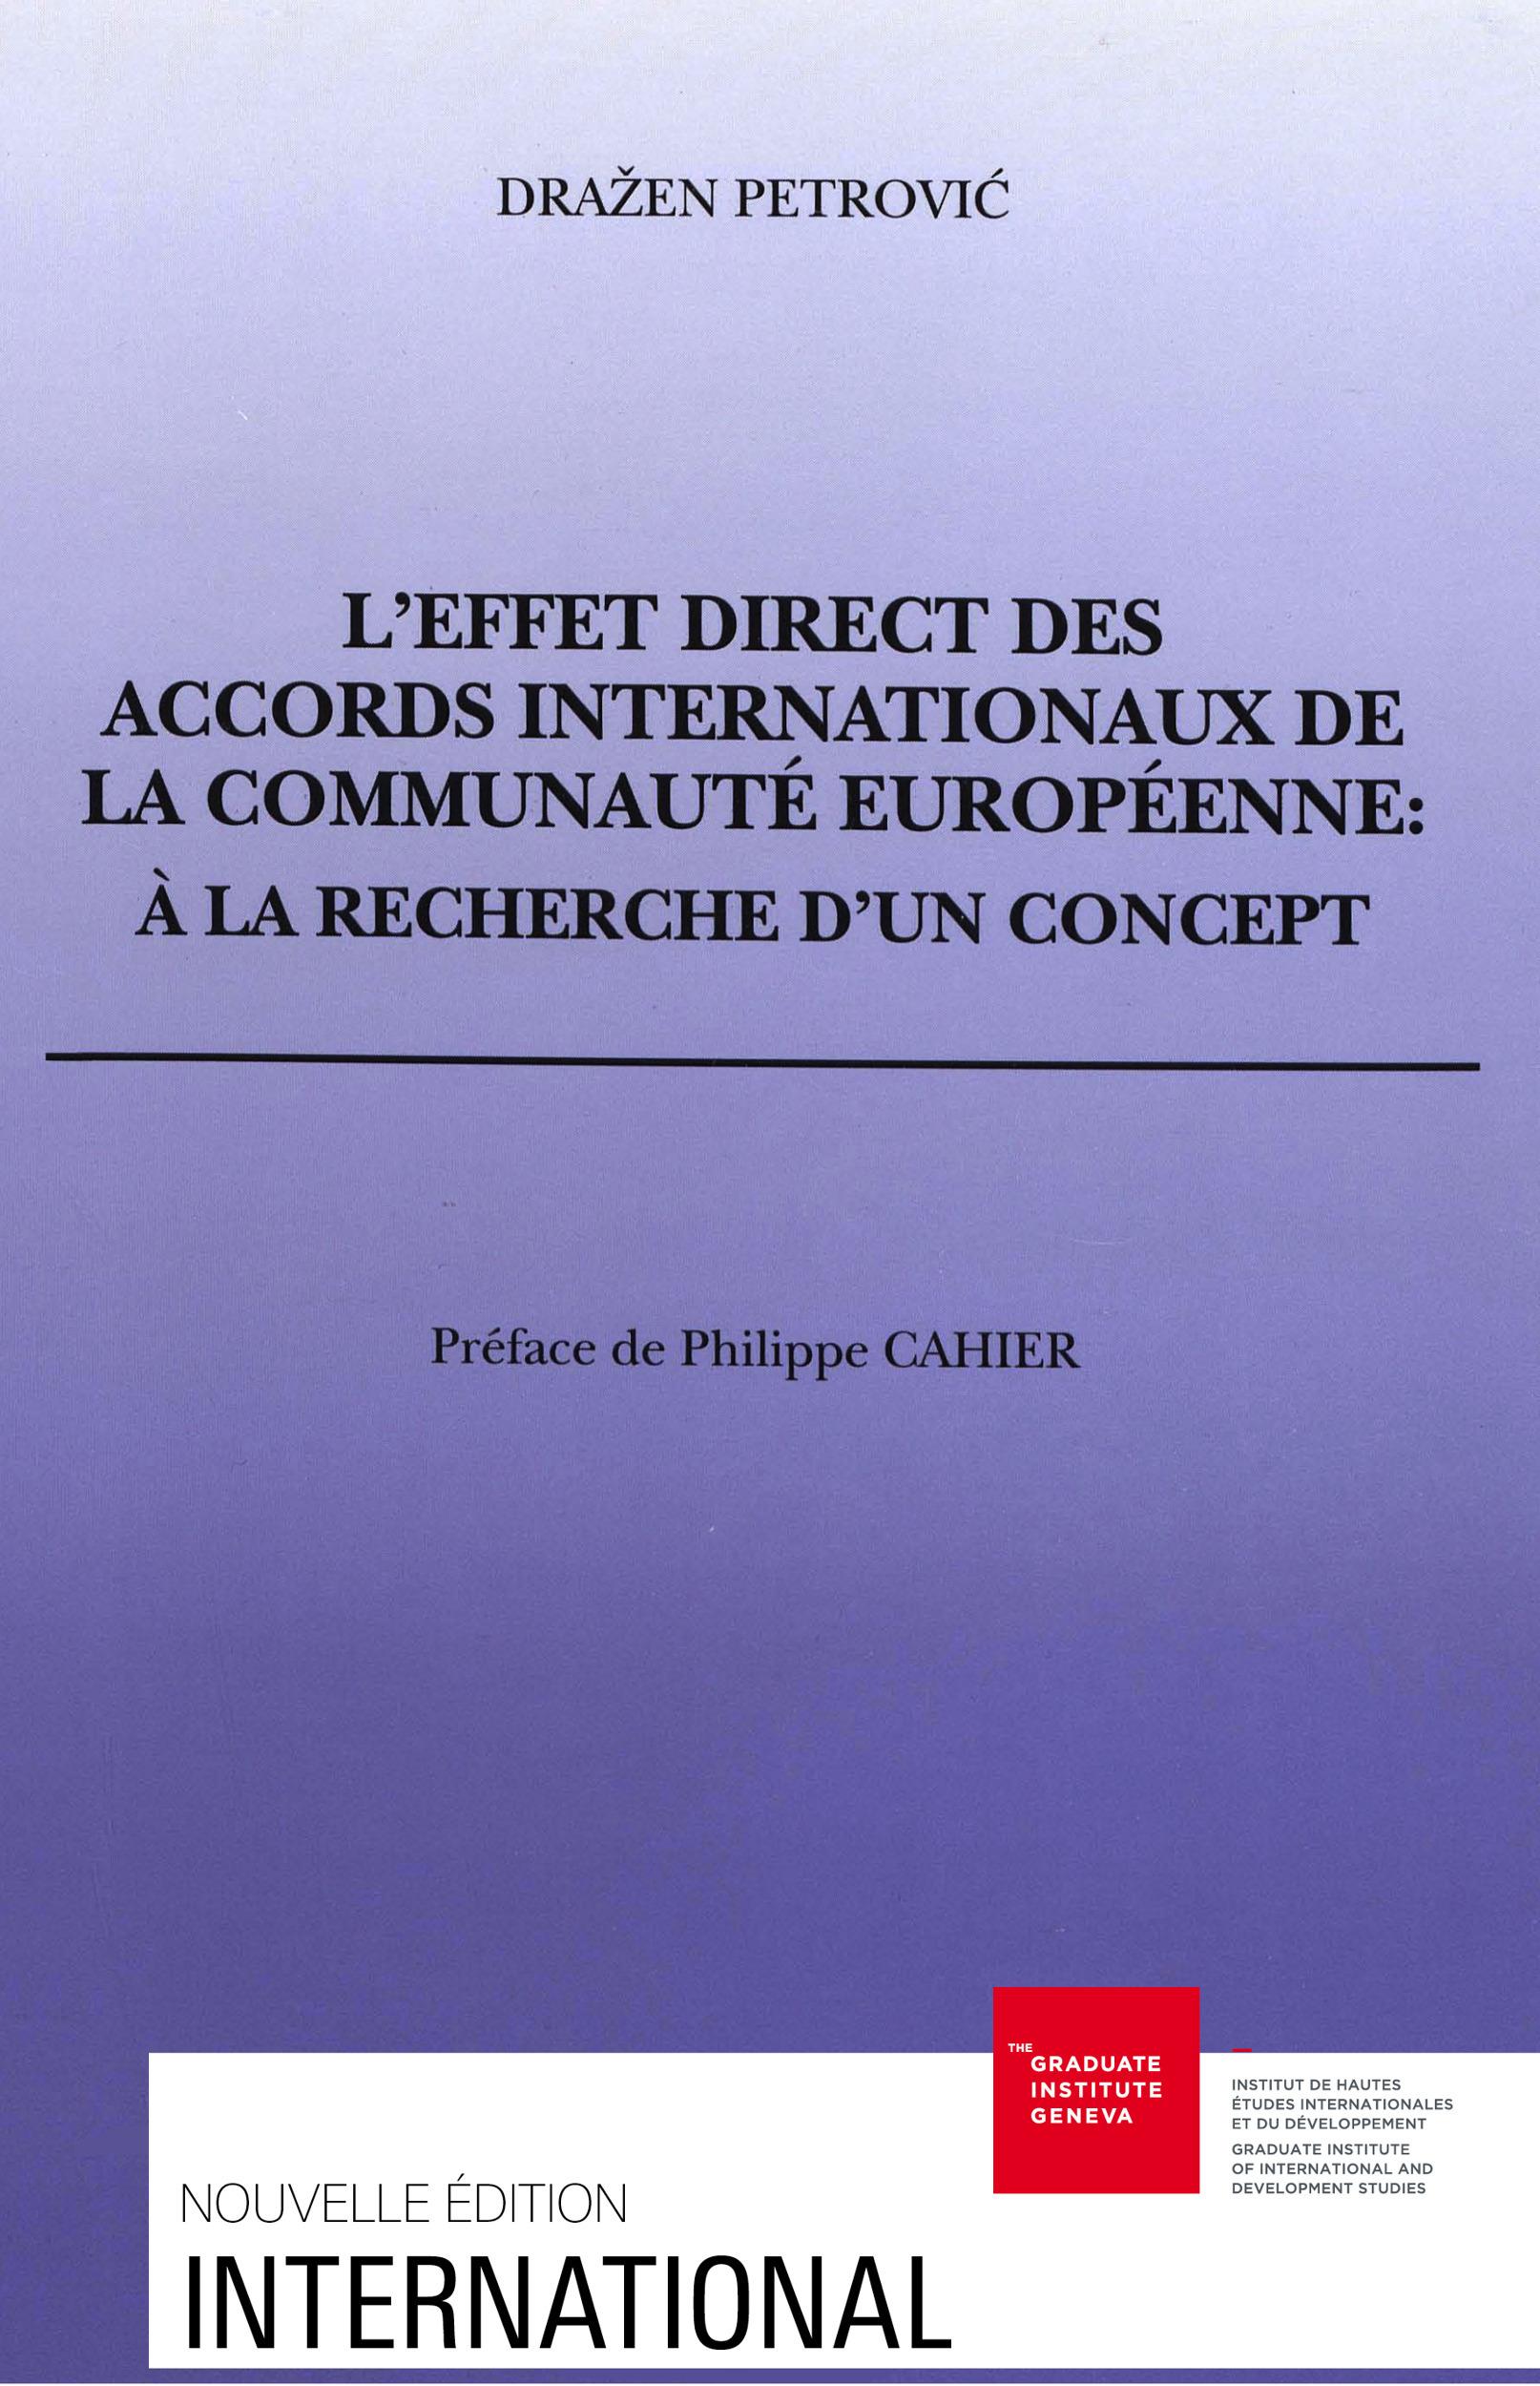 L'effet direct des accords internationaux des communautes europeennes . a la recherche d'un concept